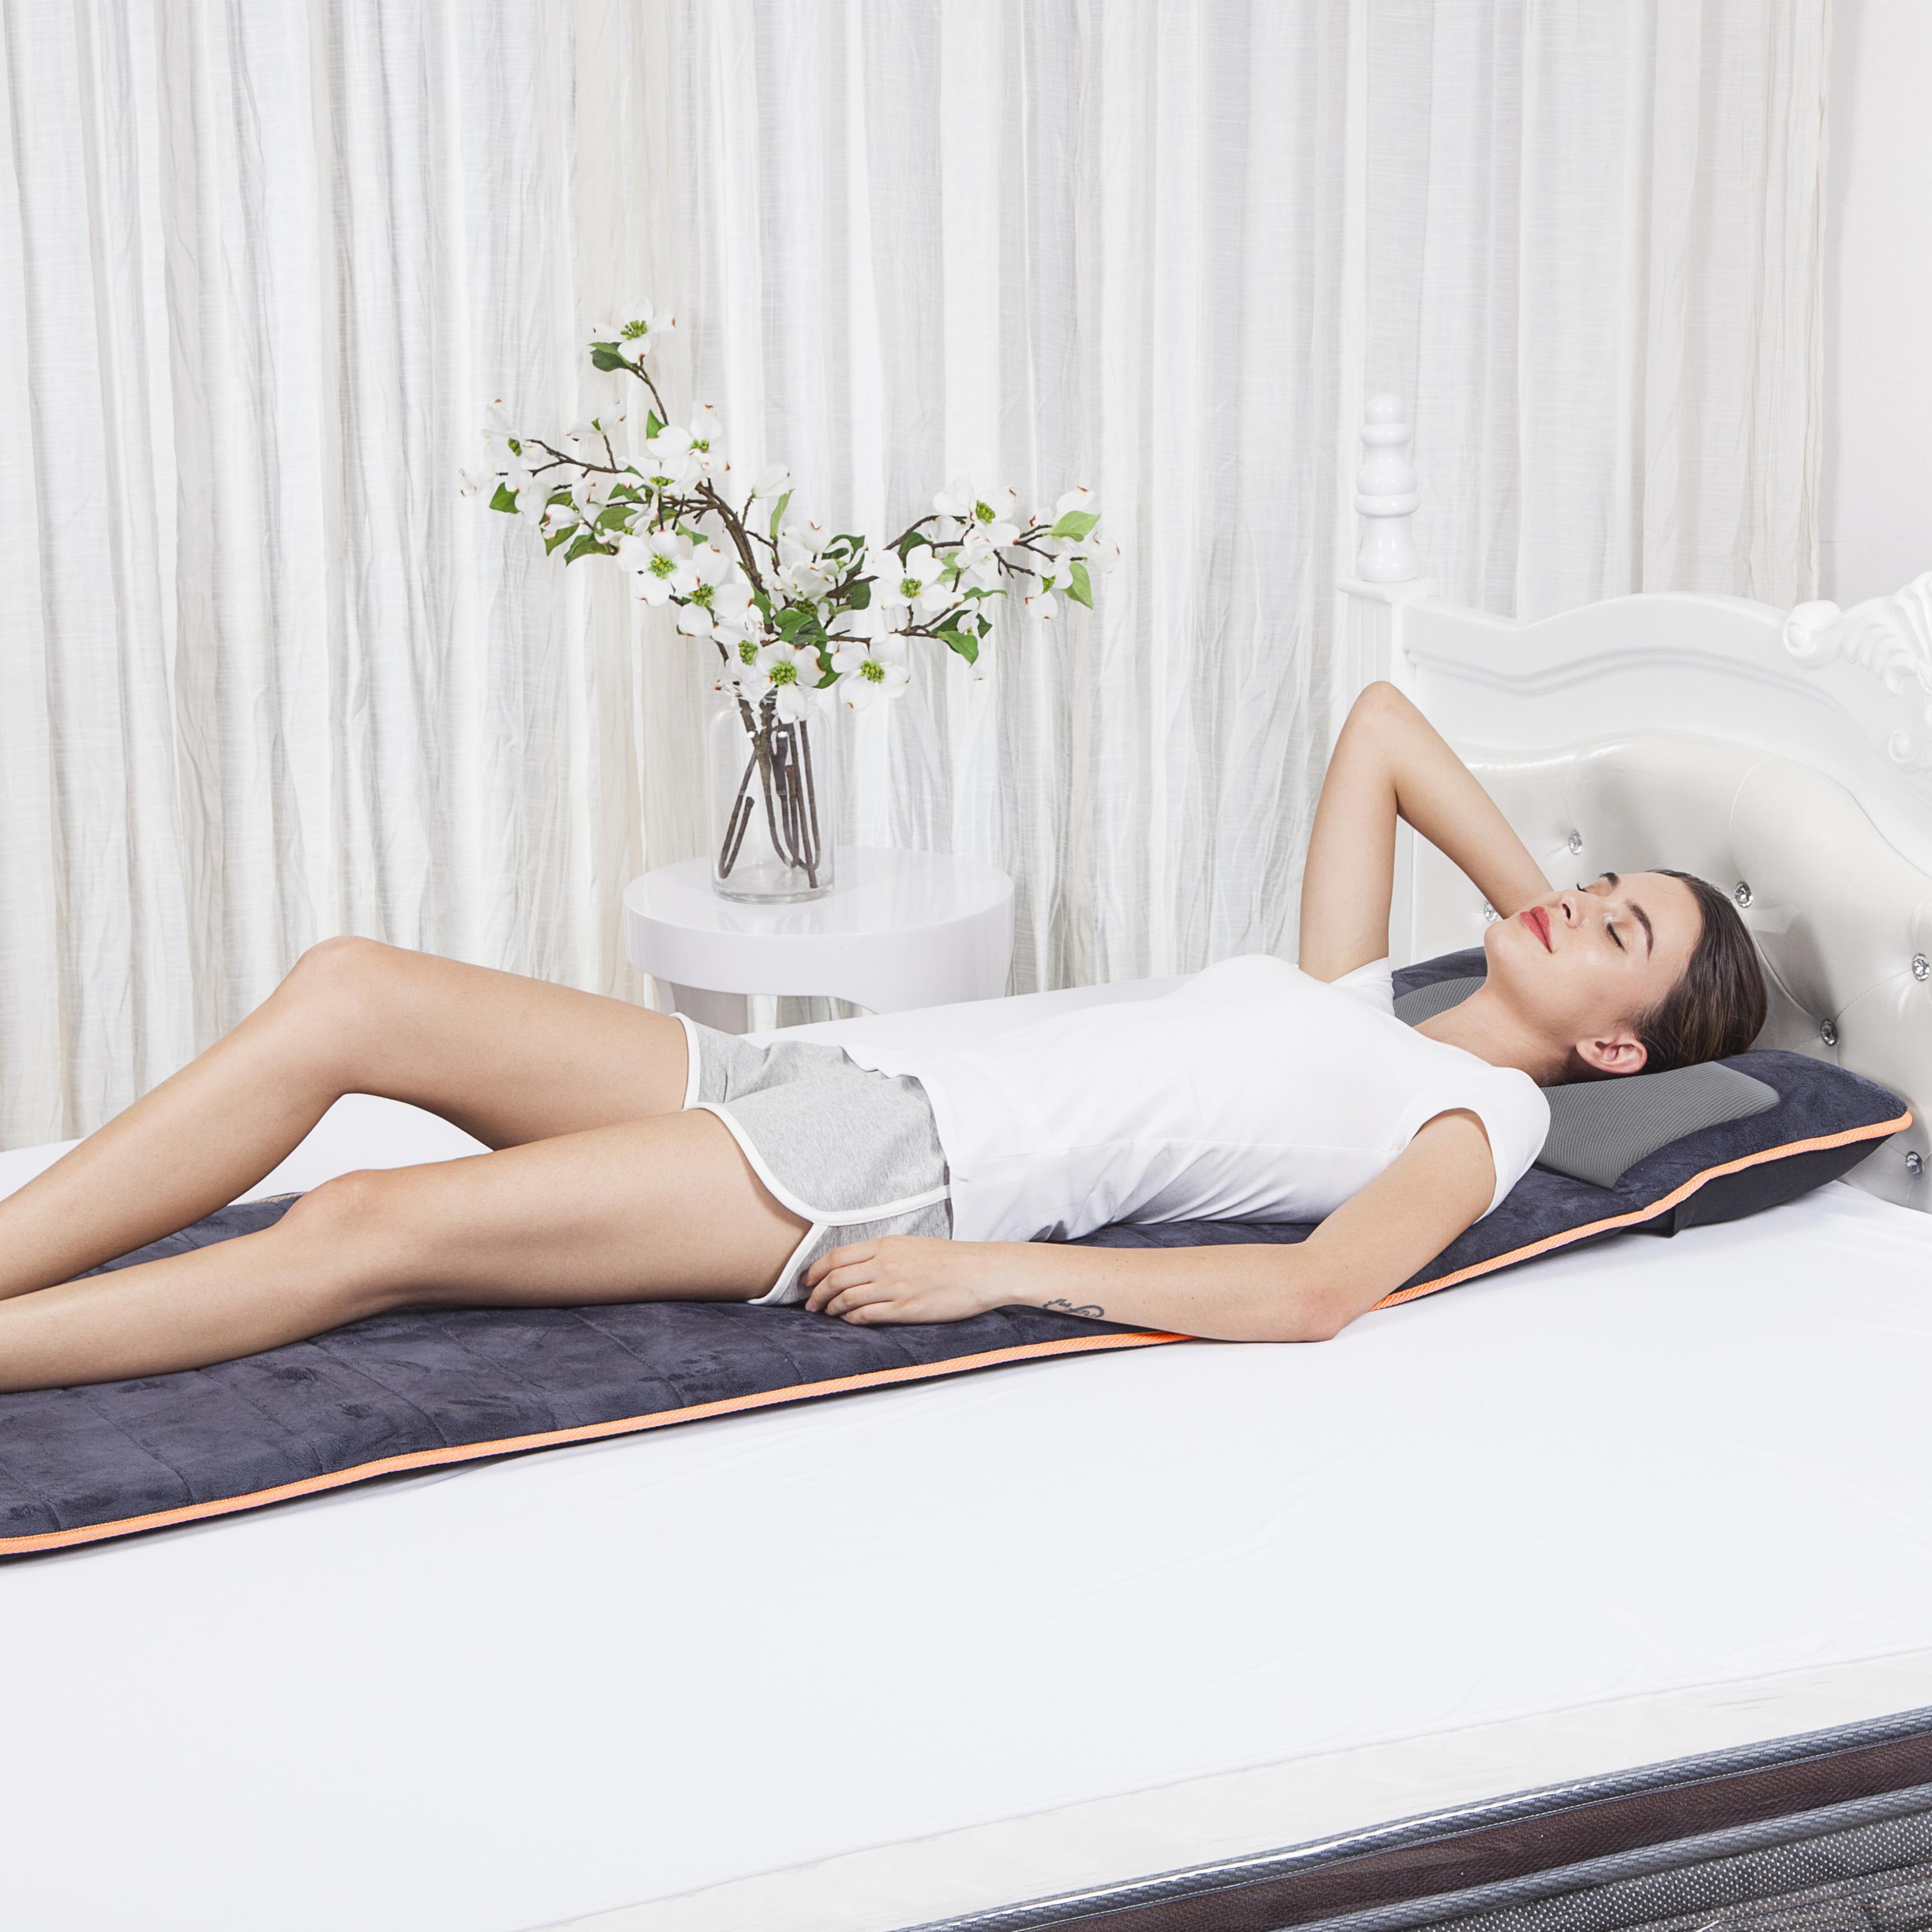 Nipponico Nuru massaggio sesso